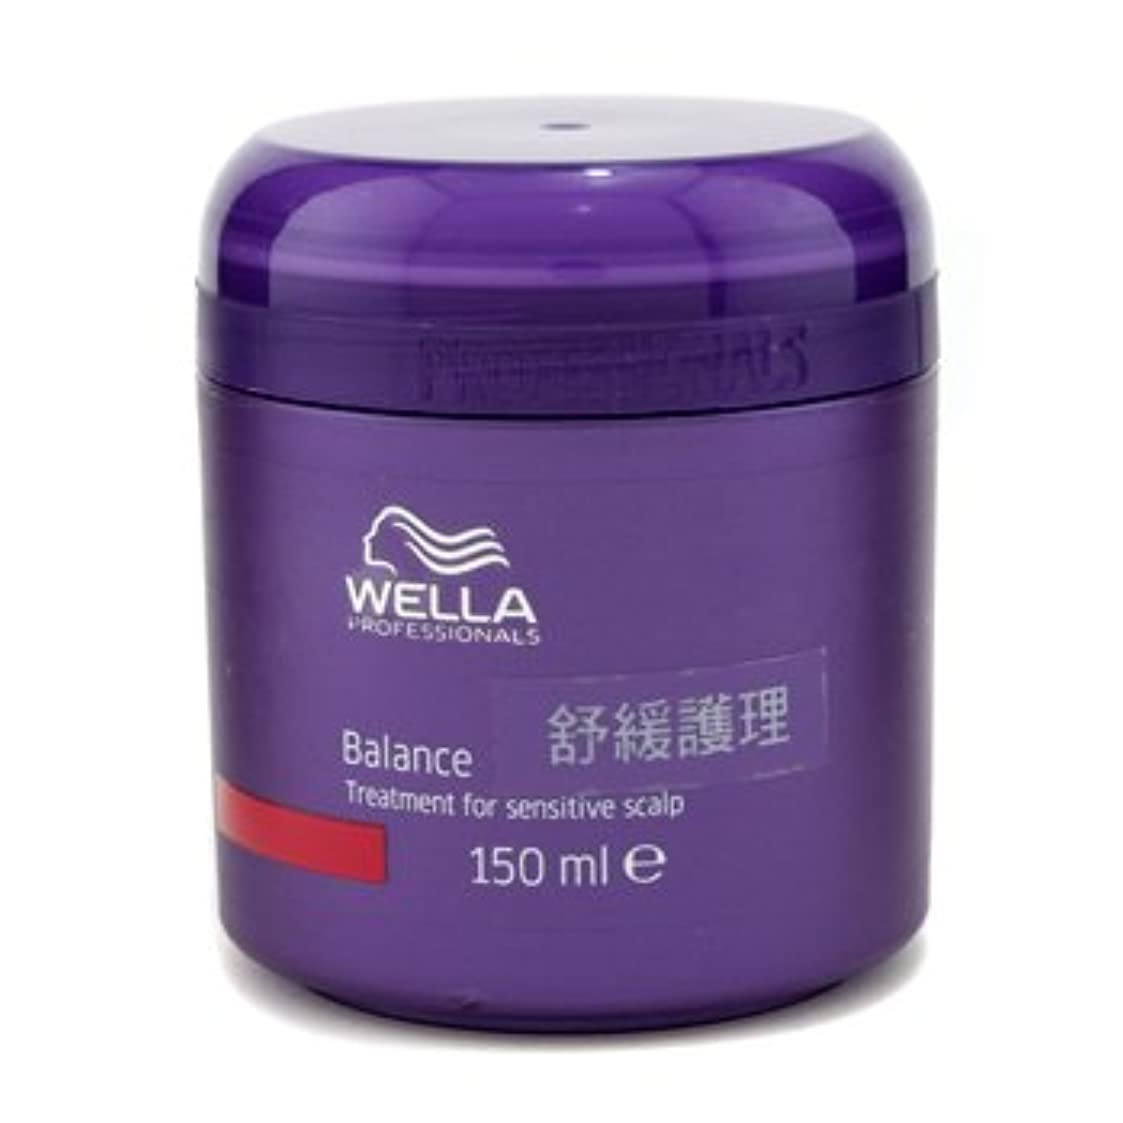 悩みタクシー技術者[ウエラ] バランス トリートメント 敏感な地肌用 150ml/5oz